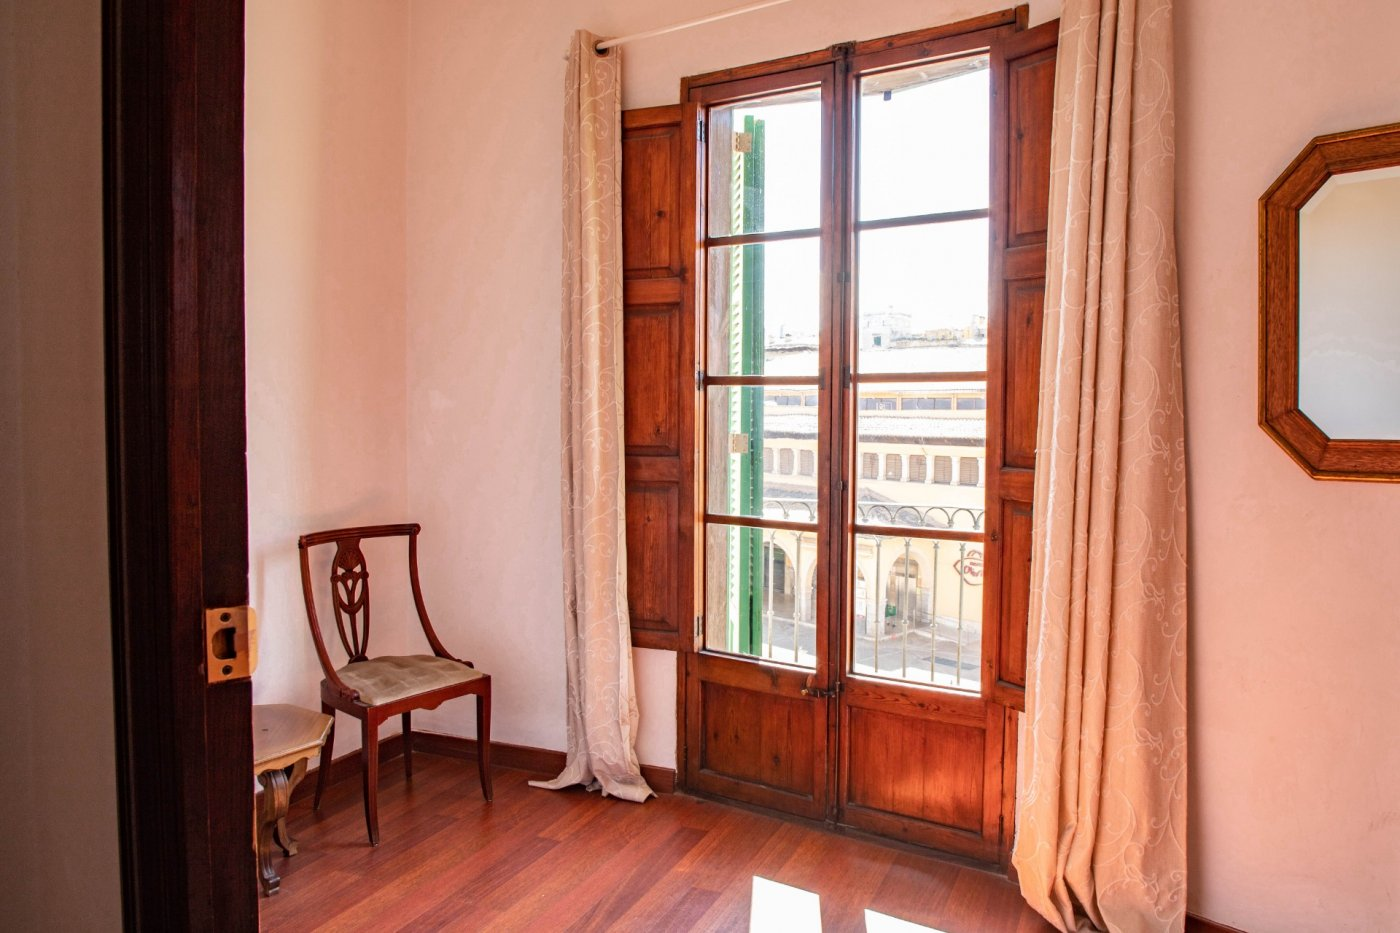 Precioso piso antiguo con mucho carácter en el centro de palma - imagenInmueble9